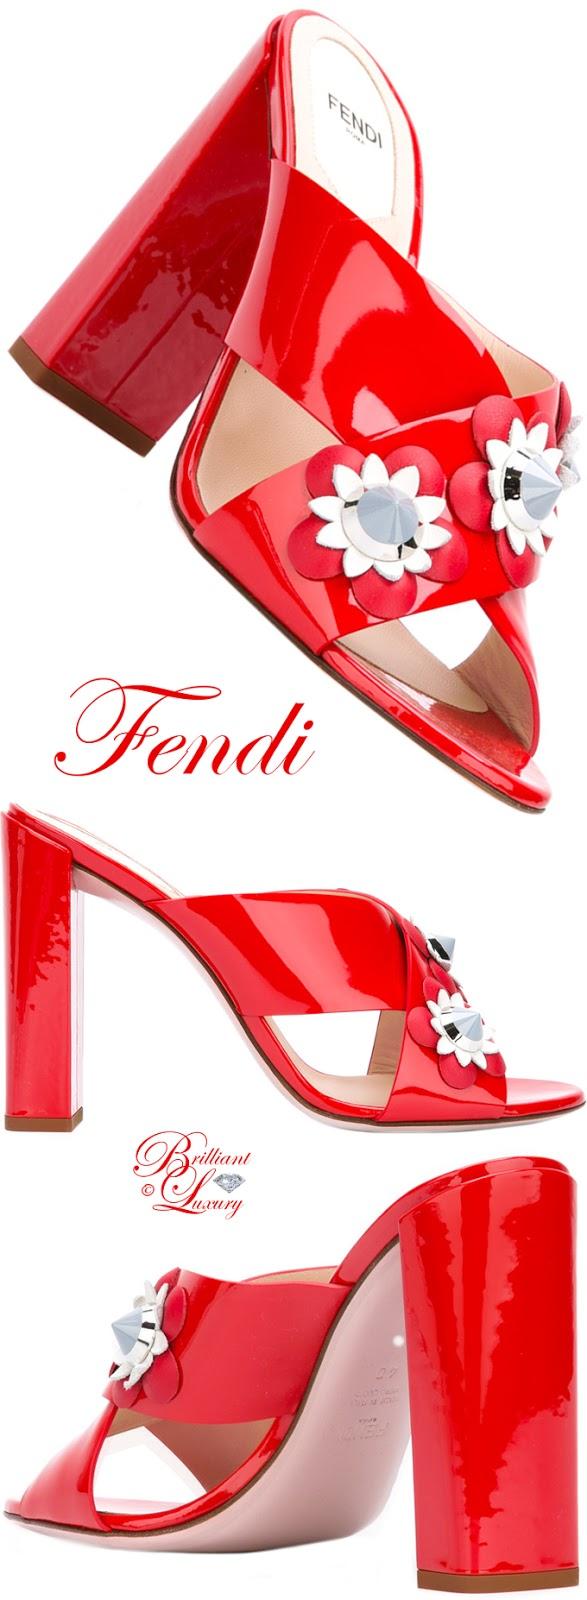 Brilliant Luxury ♦ Fendi Floral Heeled Mules